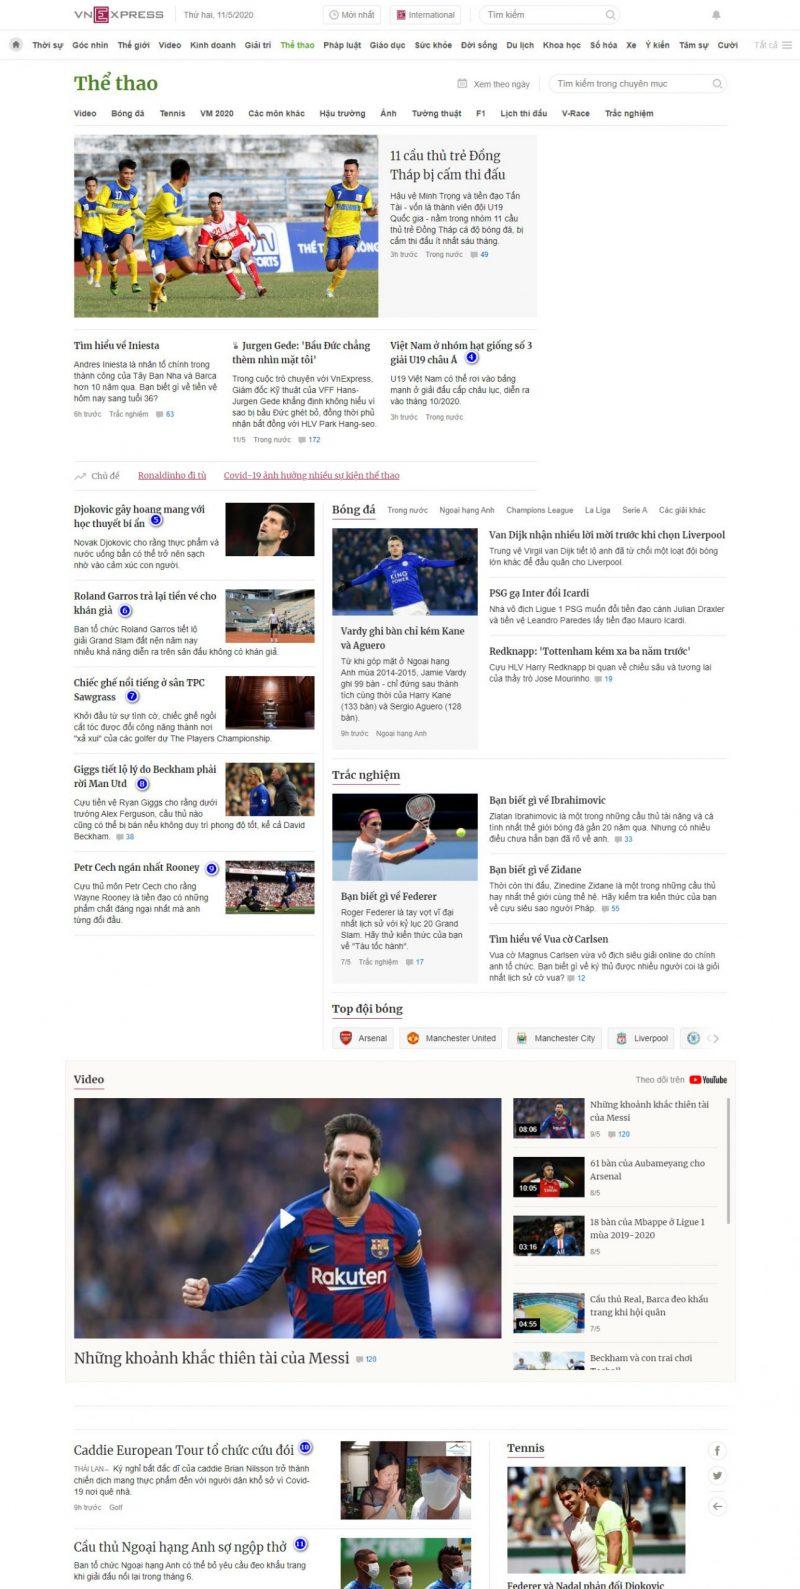 Vị trí đăng bài quảng cáo chuyên mục thể thao, báo VnExpress.net